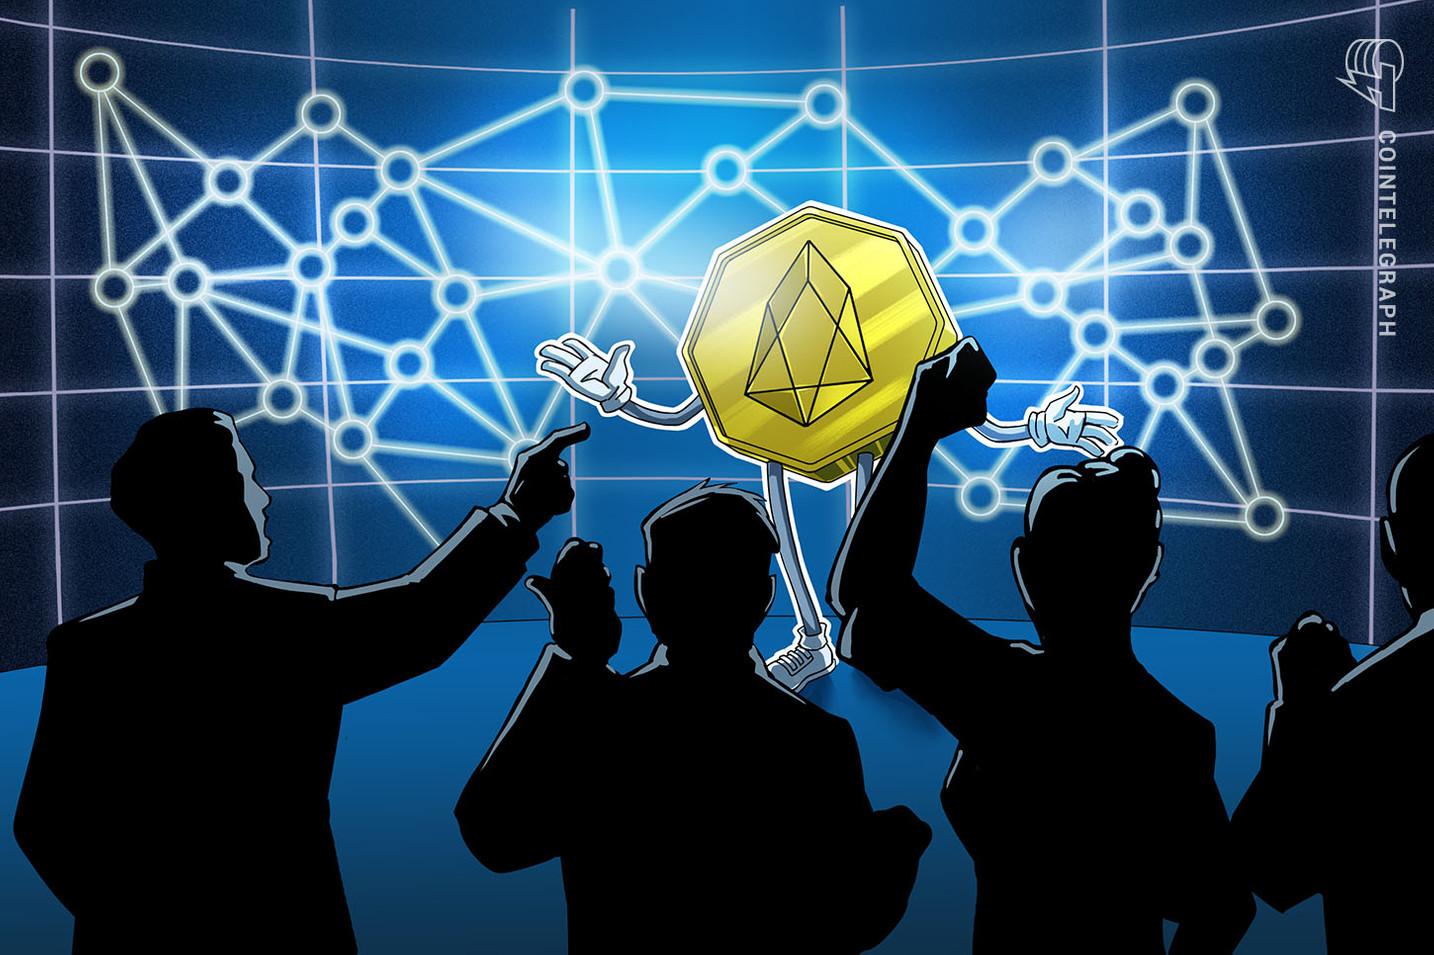 Productor de bloque EOS califica de FUD a informes de transacción de USD 3 billones en EOS después de que el pago fallara